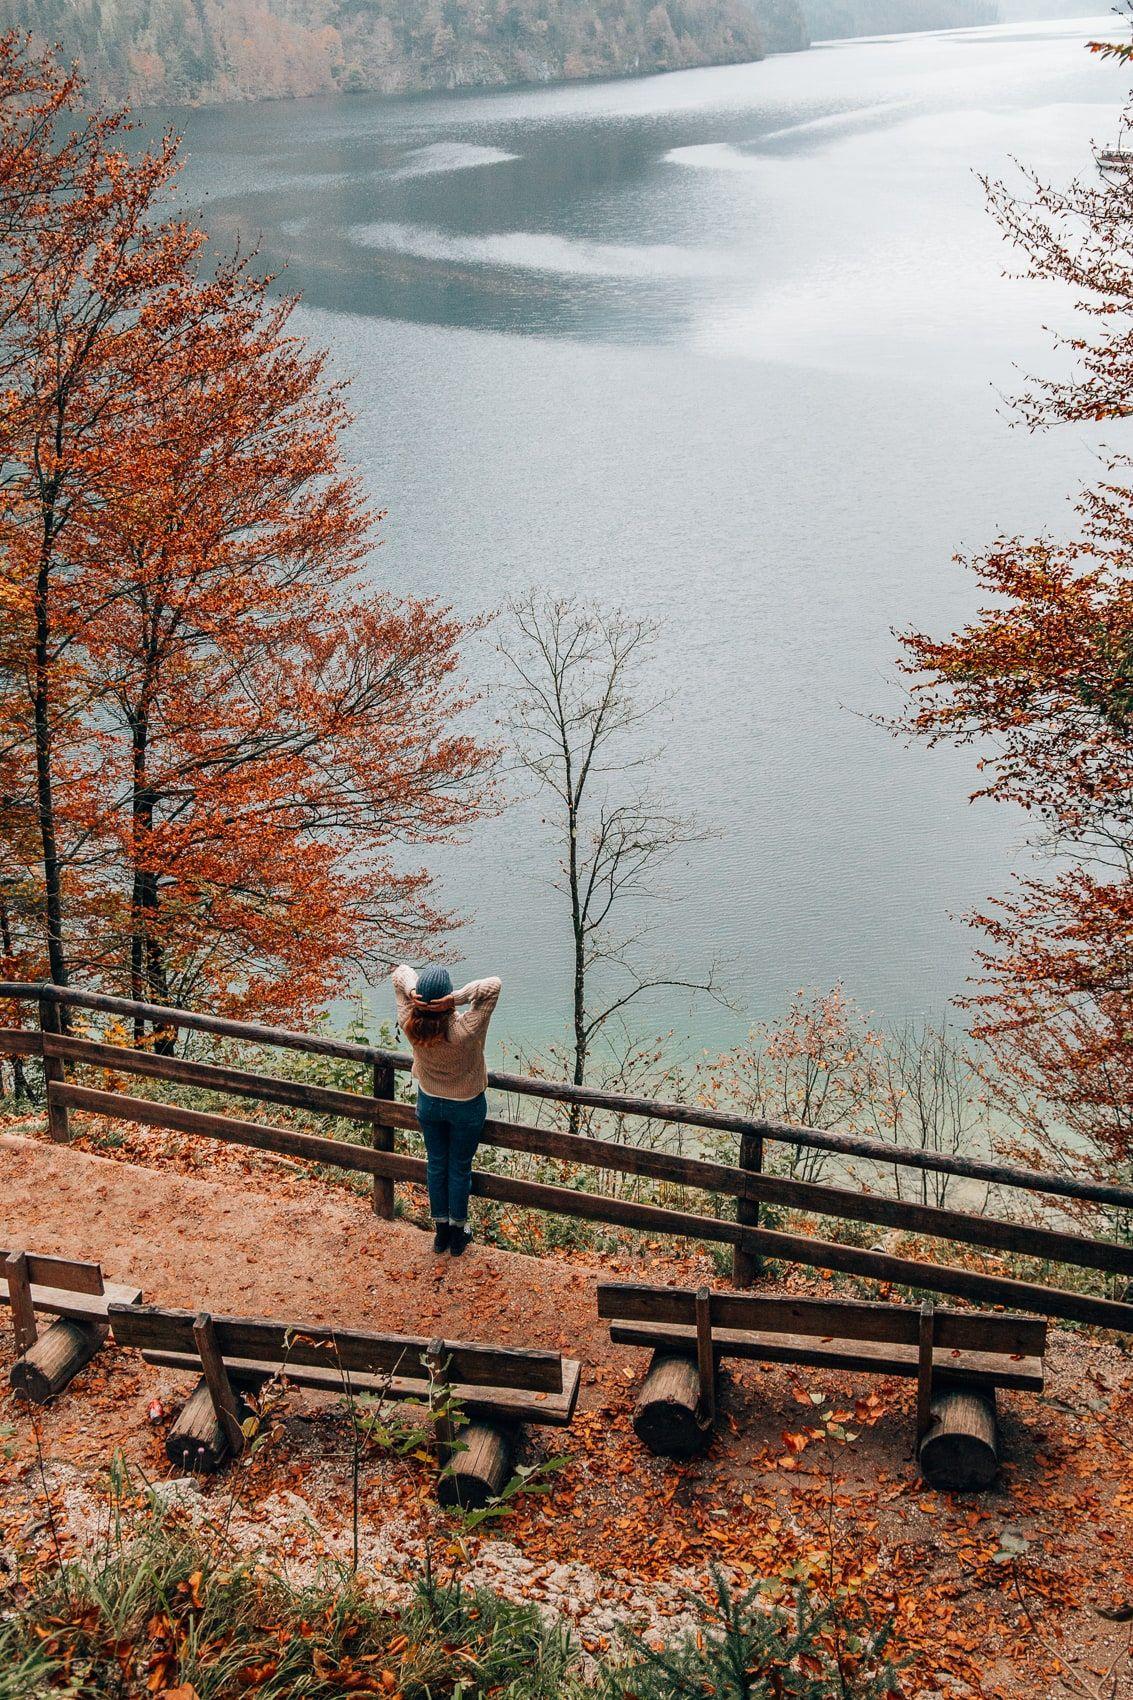 Die 5 Schonsten Wanderwege Rund Um Den Konigssee In Bayern In 2020 Schonste Wanderwege Wanderwege Wasserfalle Deutschland